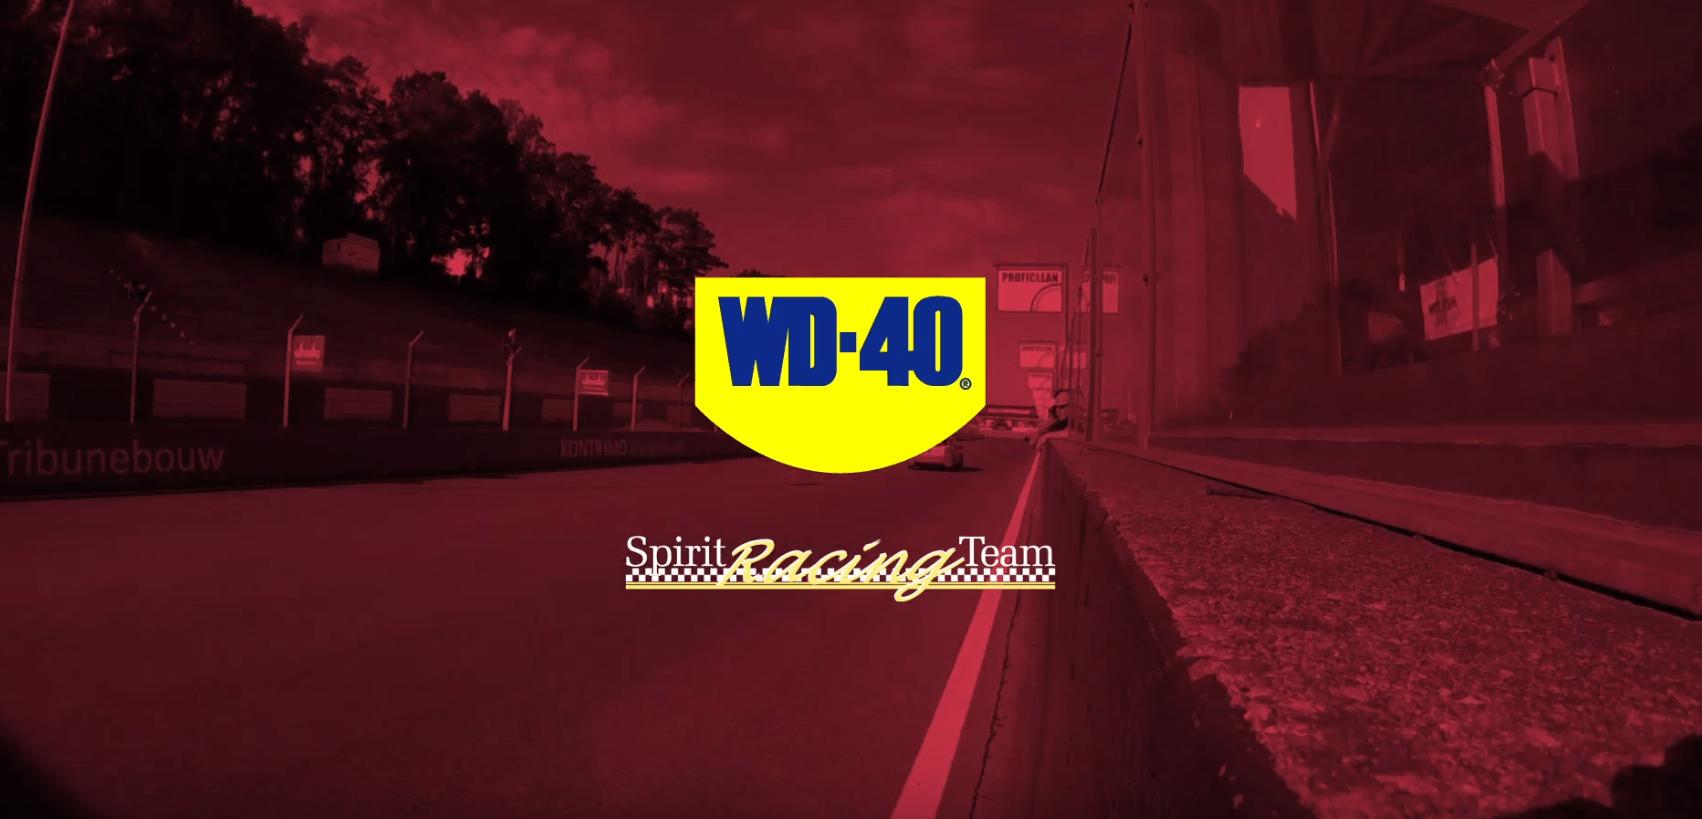 Auto scharnieren smeren met WD-40 Specialist